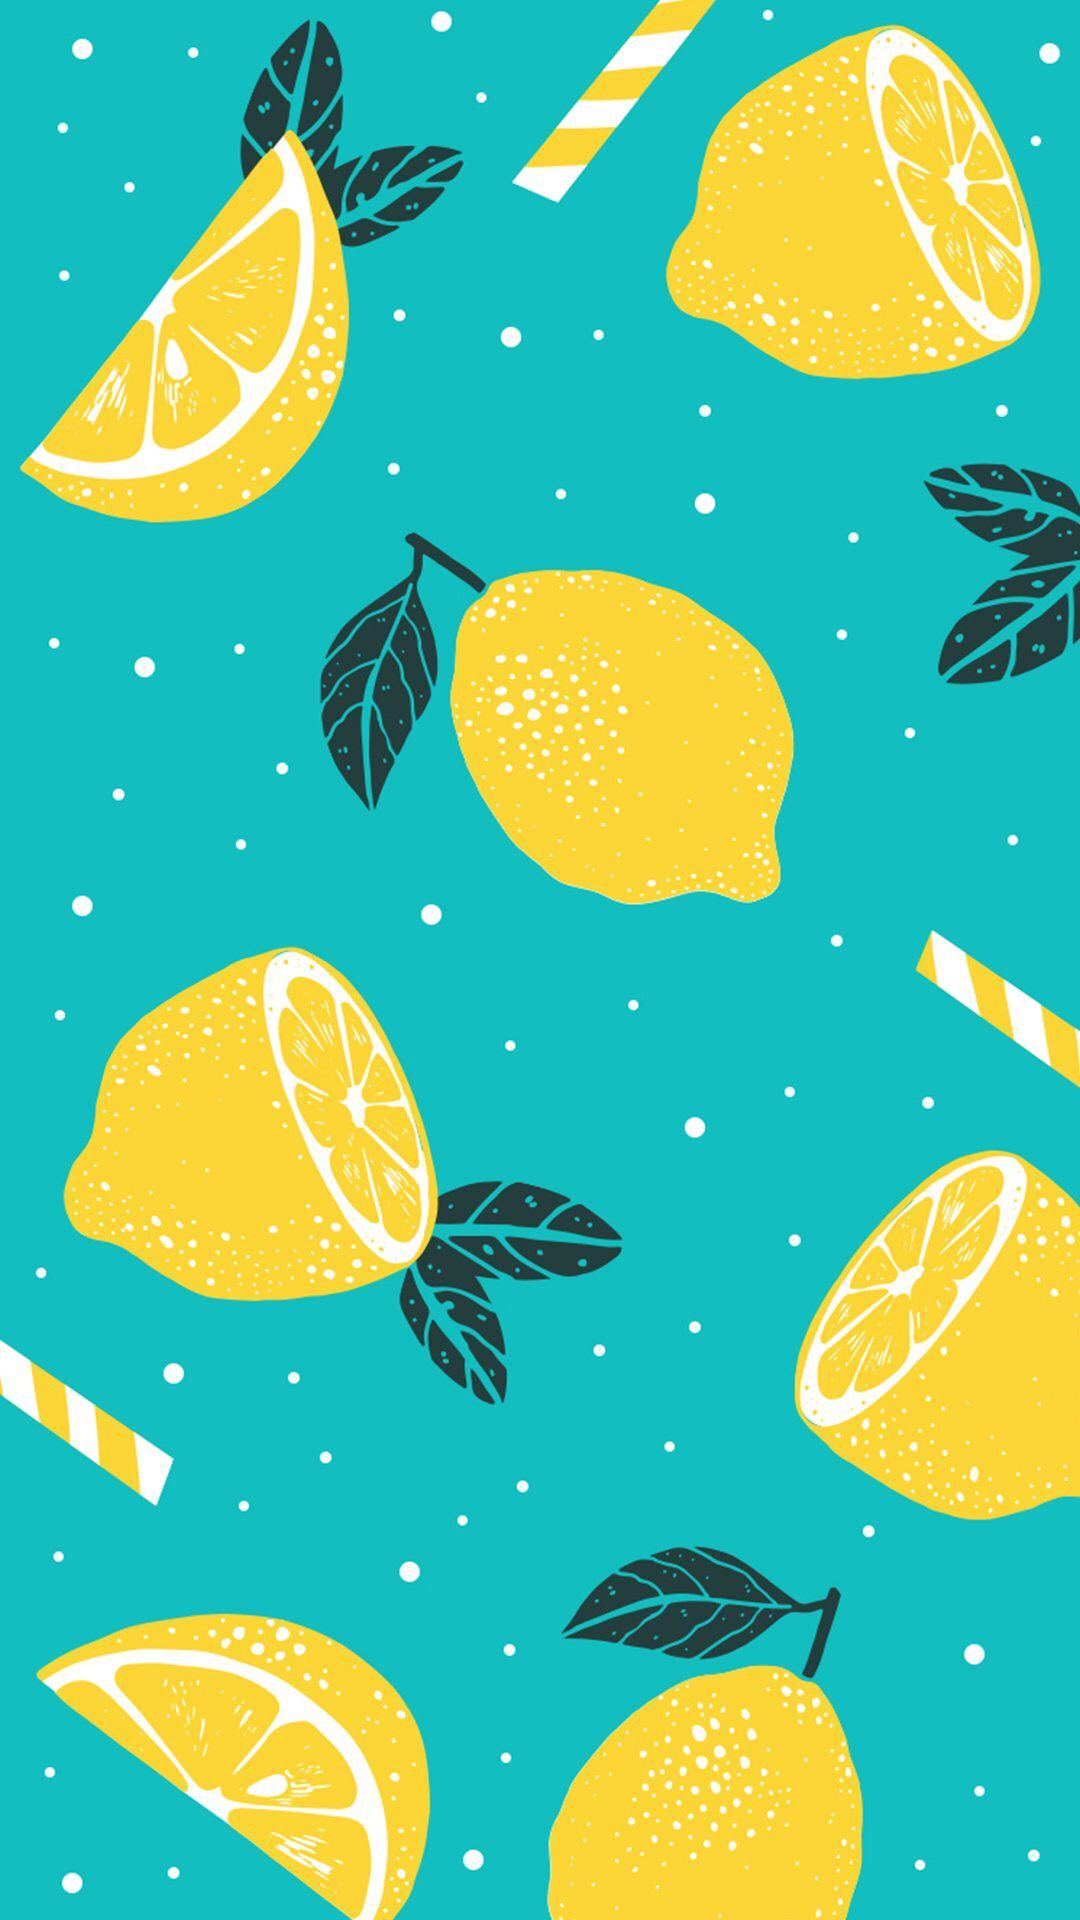 Phone Wallpaper summer lemons fruits lemonade in 2019 Summer 1080x1920